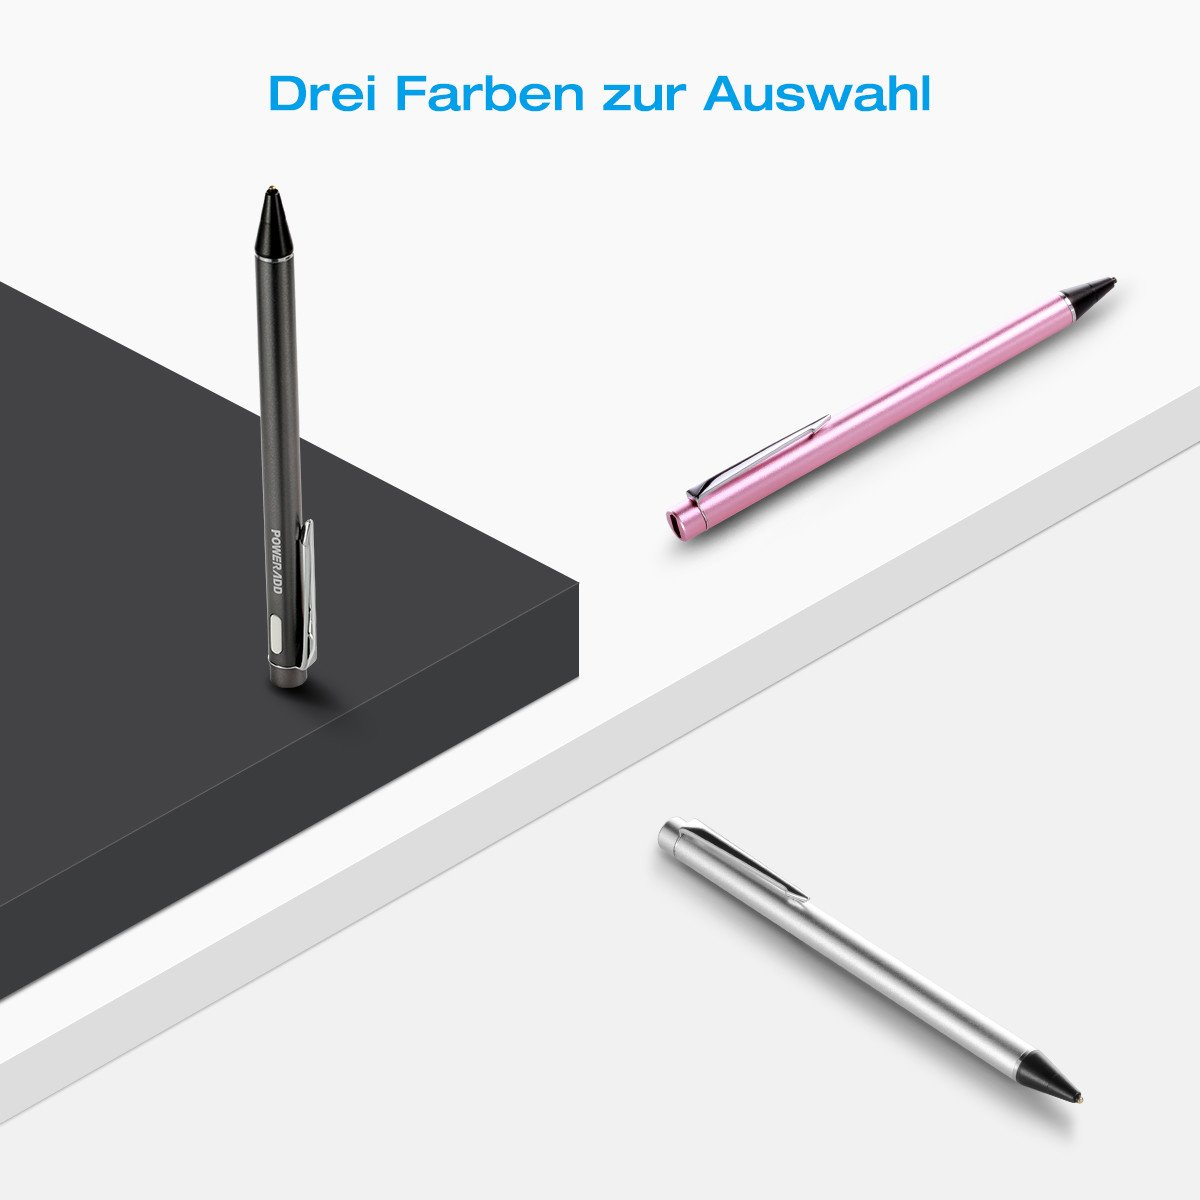 Poweradd elektronischer aktiver Stylus Stift, präziser aufladbarer Eingabestift kapazitiv mit dünner Spitze, tolles Gefühl beim Spielen, Zeichnen und Schreiben auf Touchscreen Apple iPhone, iPad, iPad Mini, iPad Air 2, Handys, Smartphones T